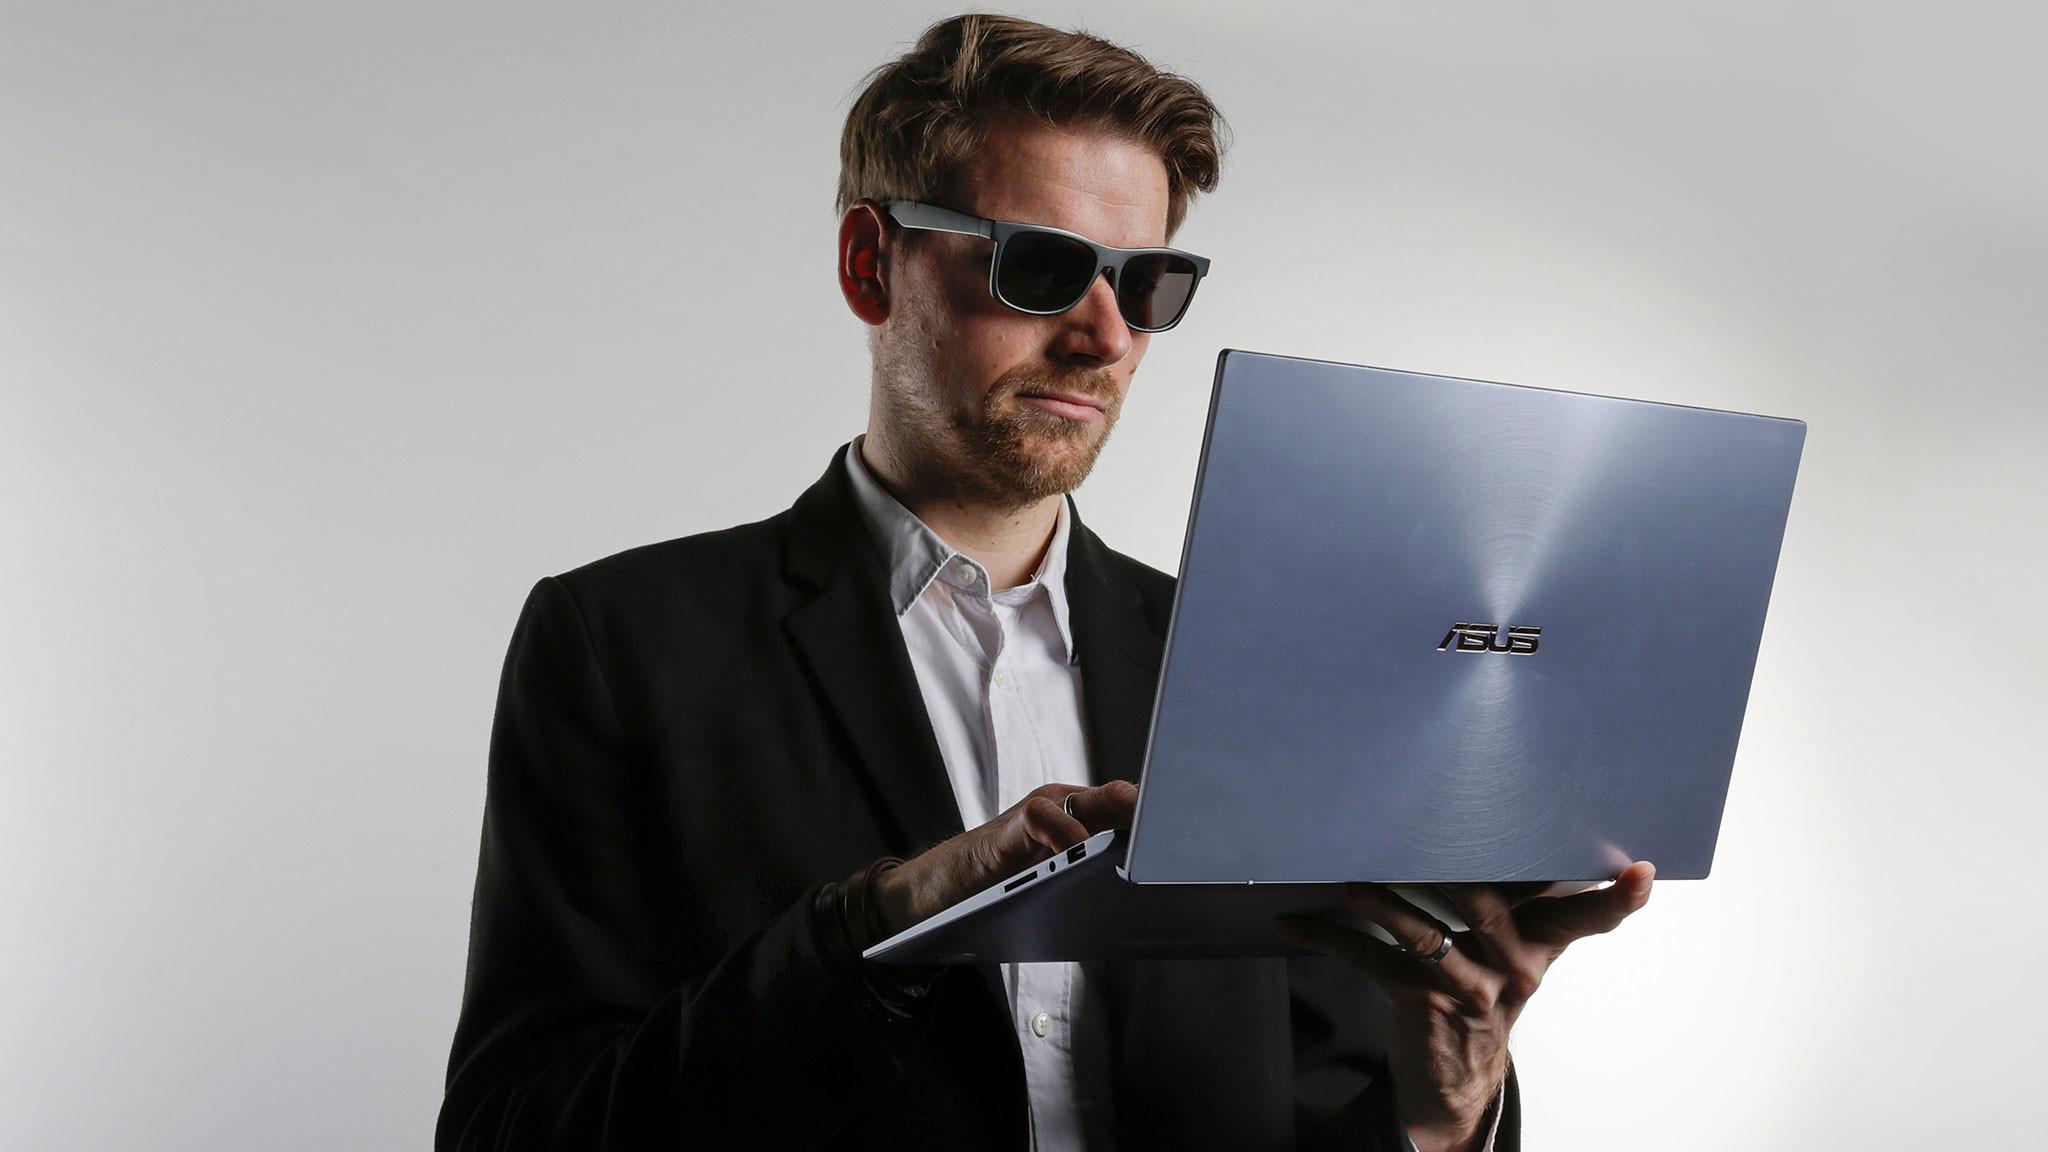 Redakteur mit Sonnenbrille und Jacket hält das Asus ZenBook 14 und schaut auf das Display.©COMPUTER BILD